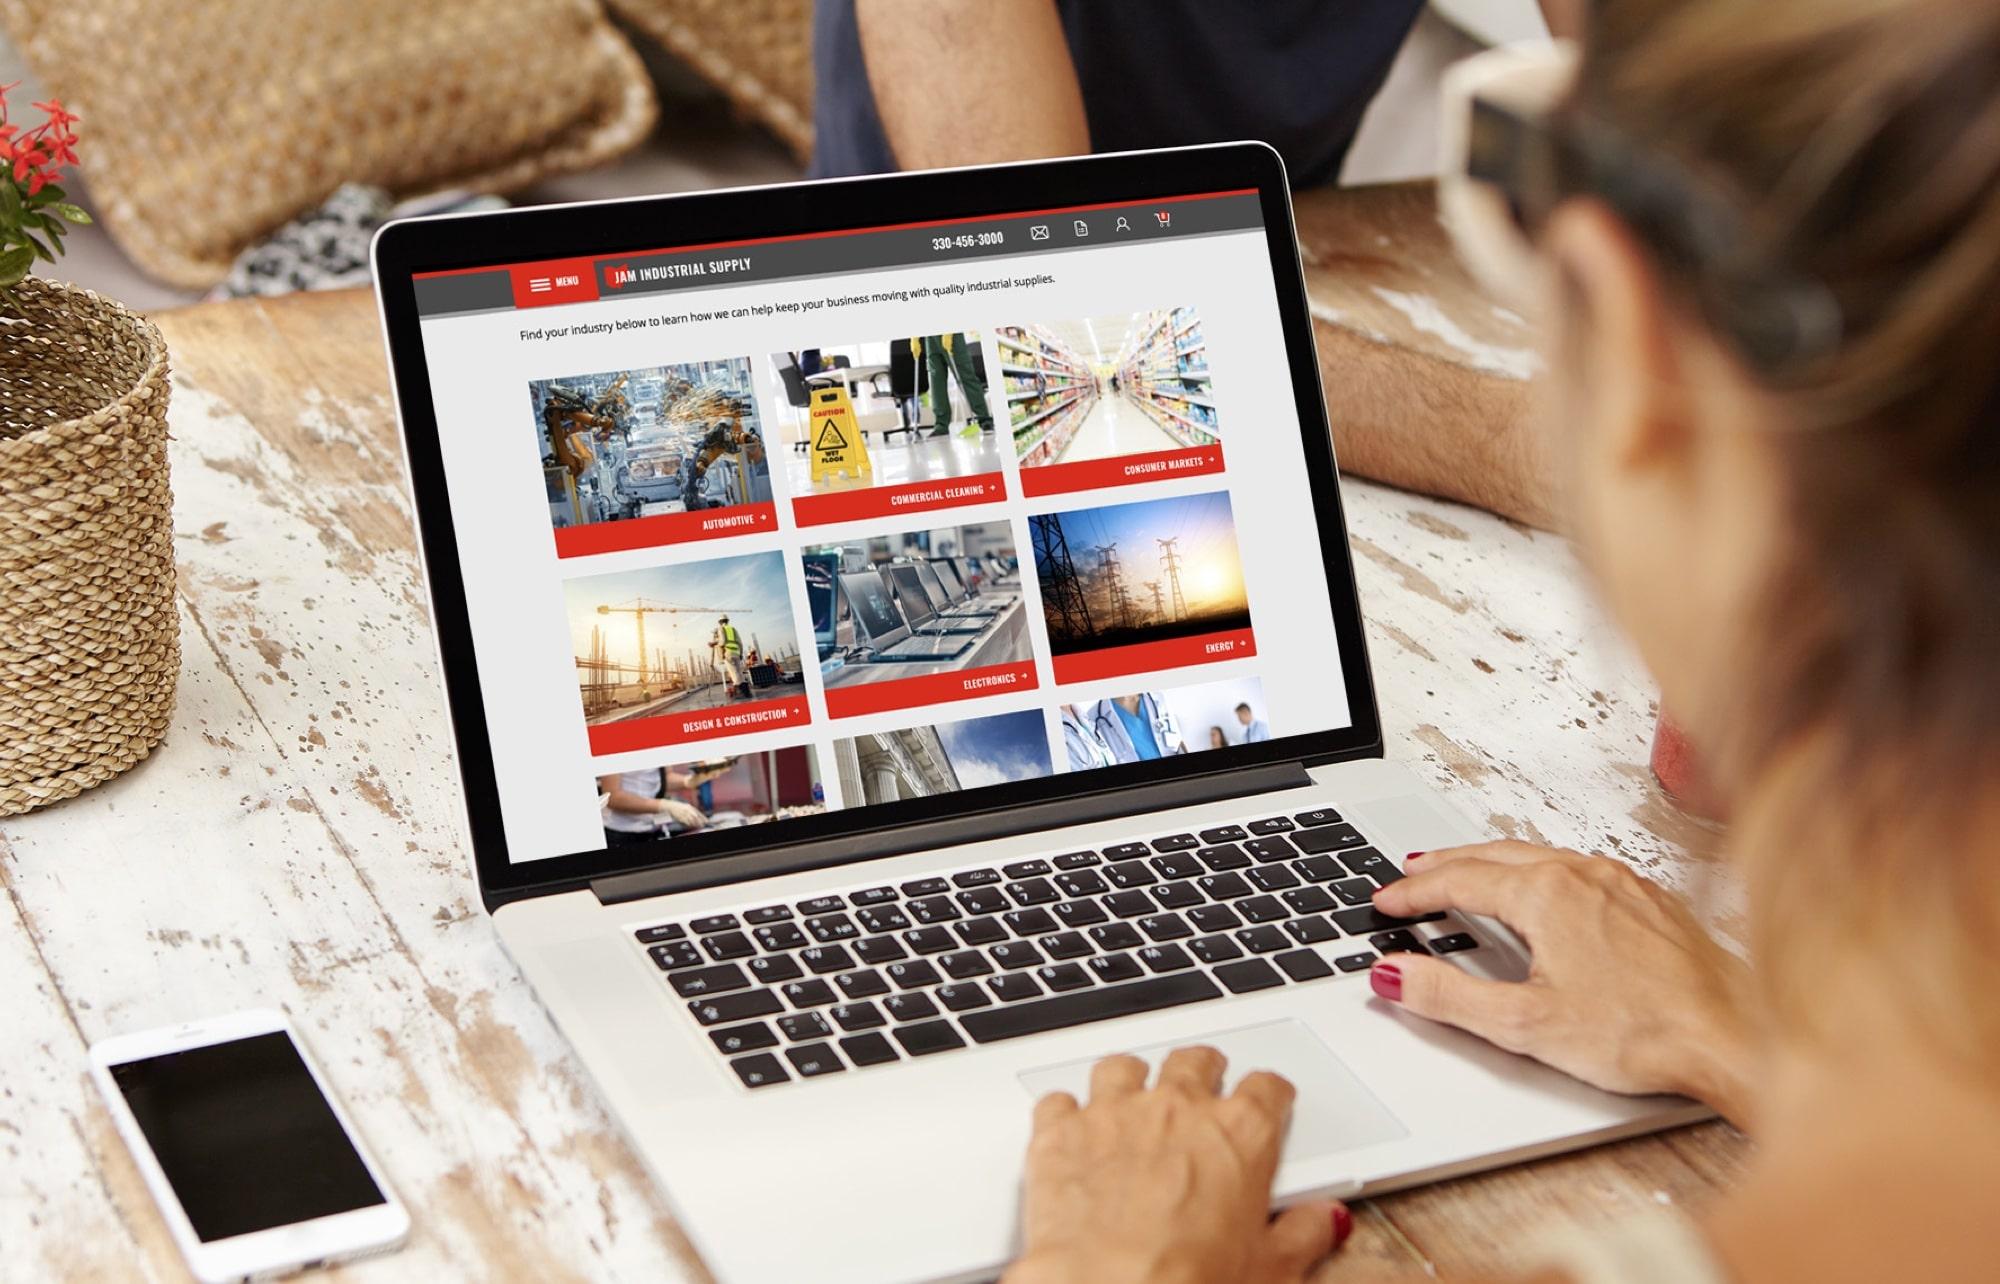 JAM-Industrial-Ecommerce-Desktop-Design-1